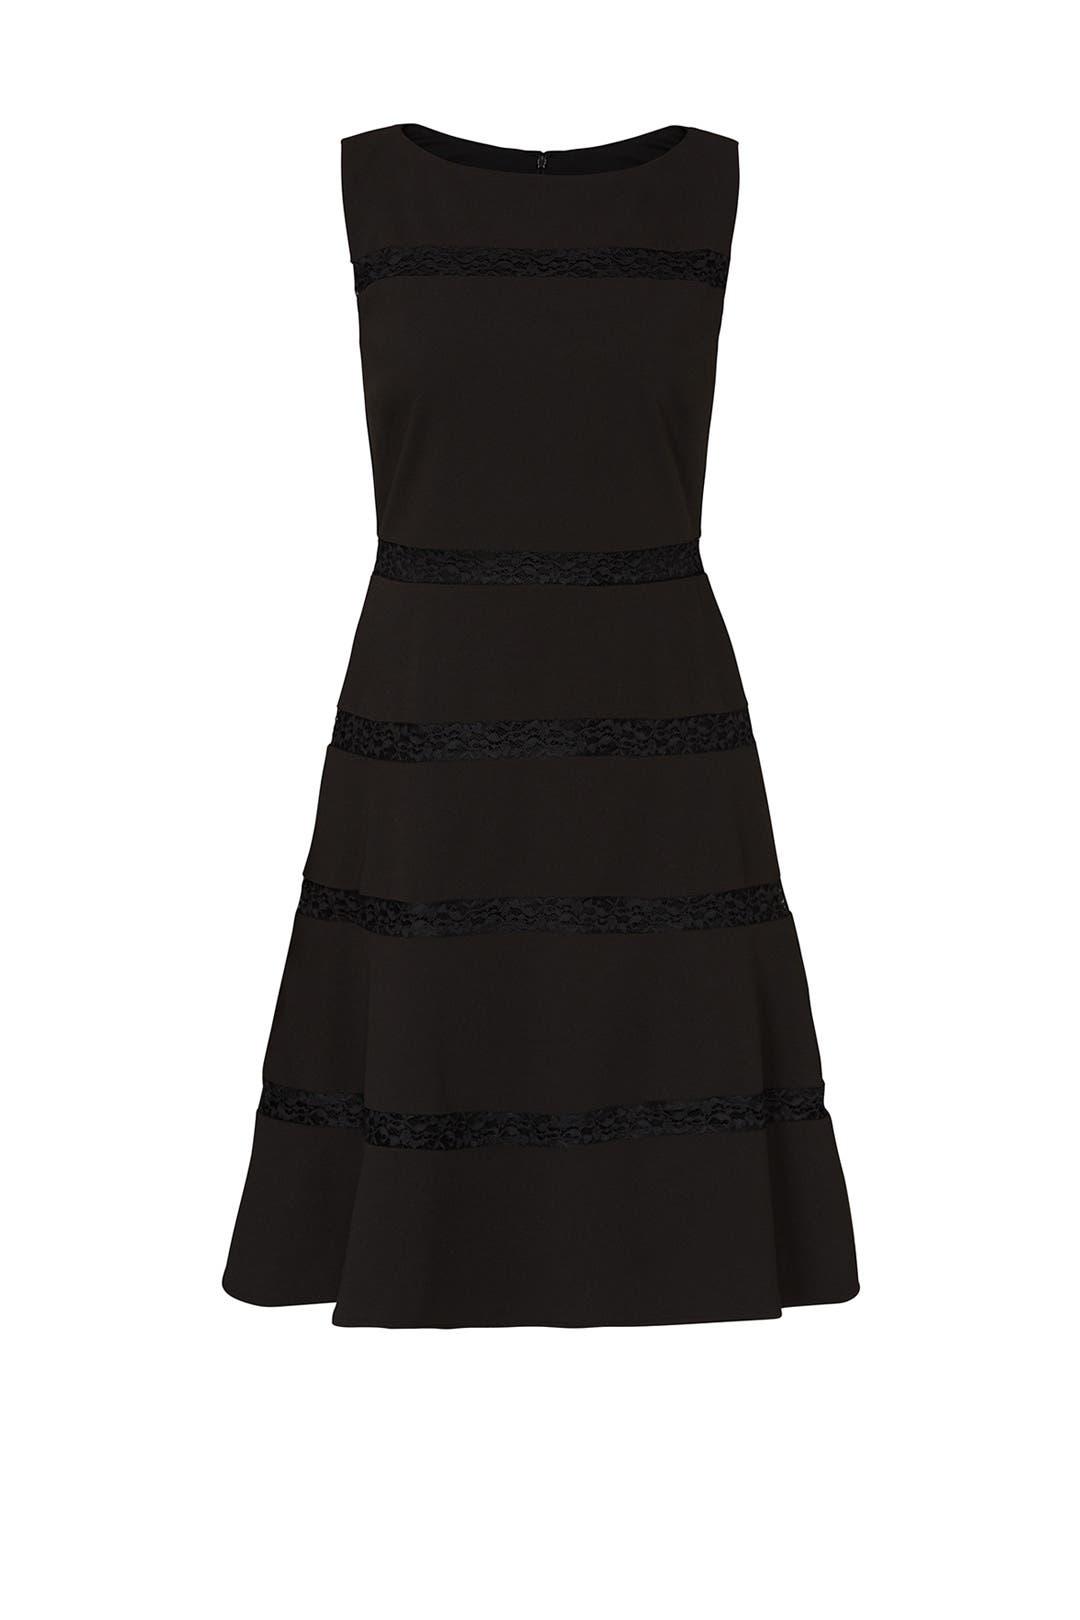 7114d2bf3e67 Marielle Combo Dress by Lauren Ralph Lauren for $30   Rent the Runway